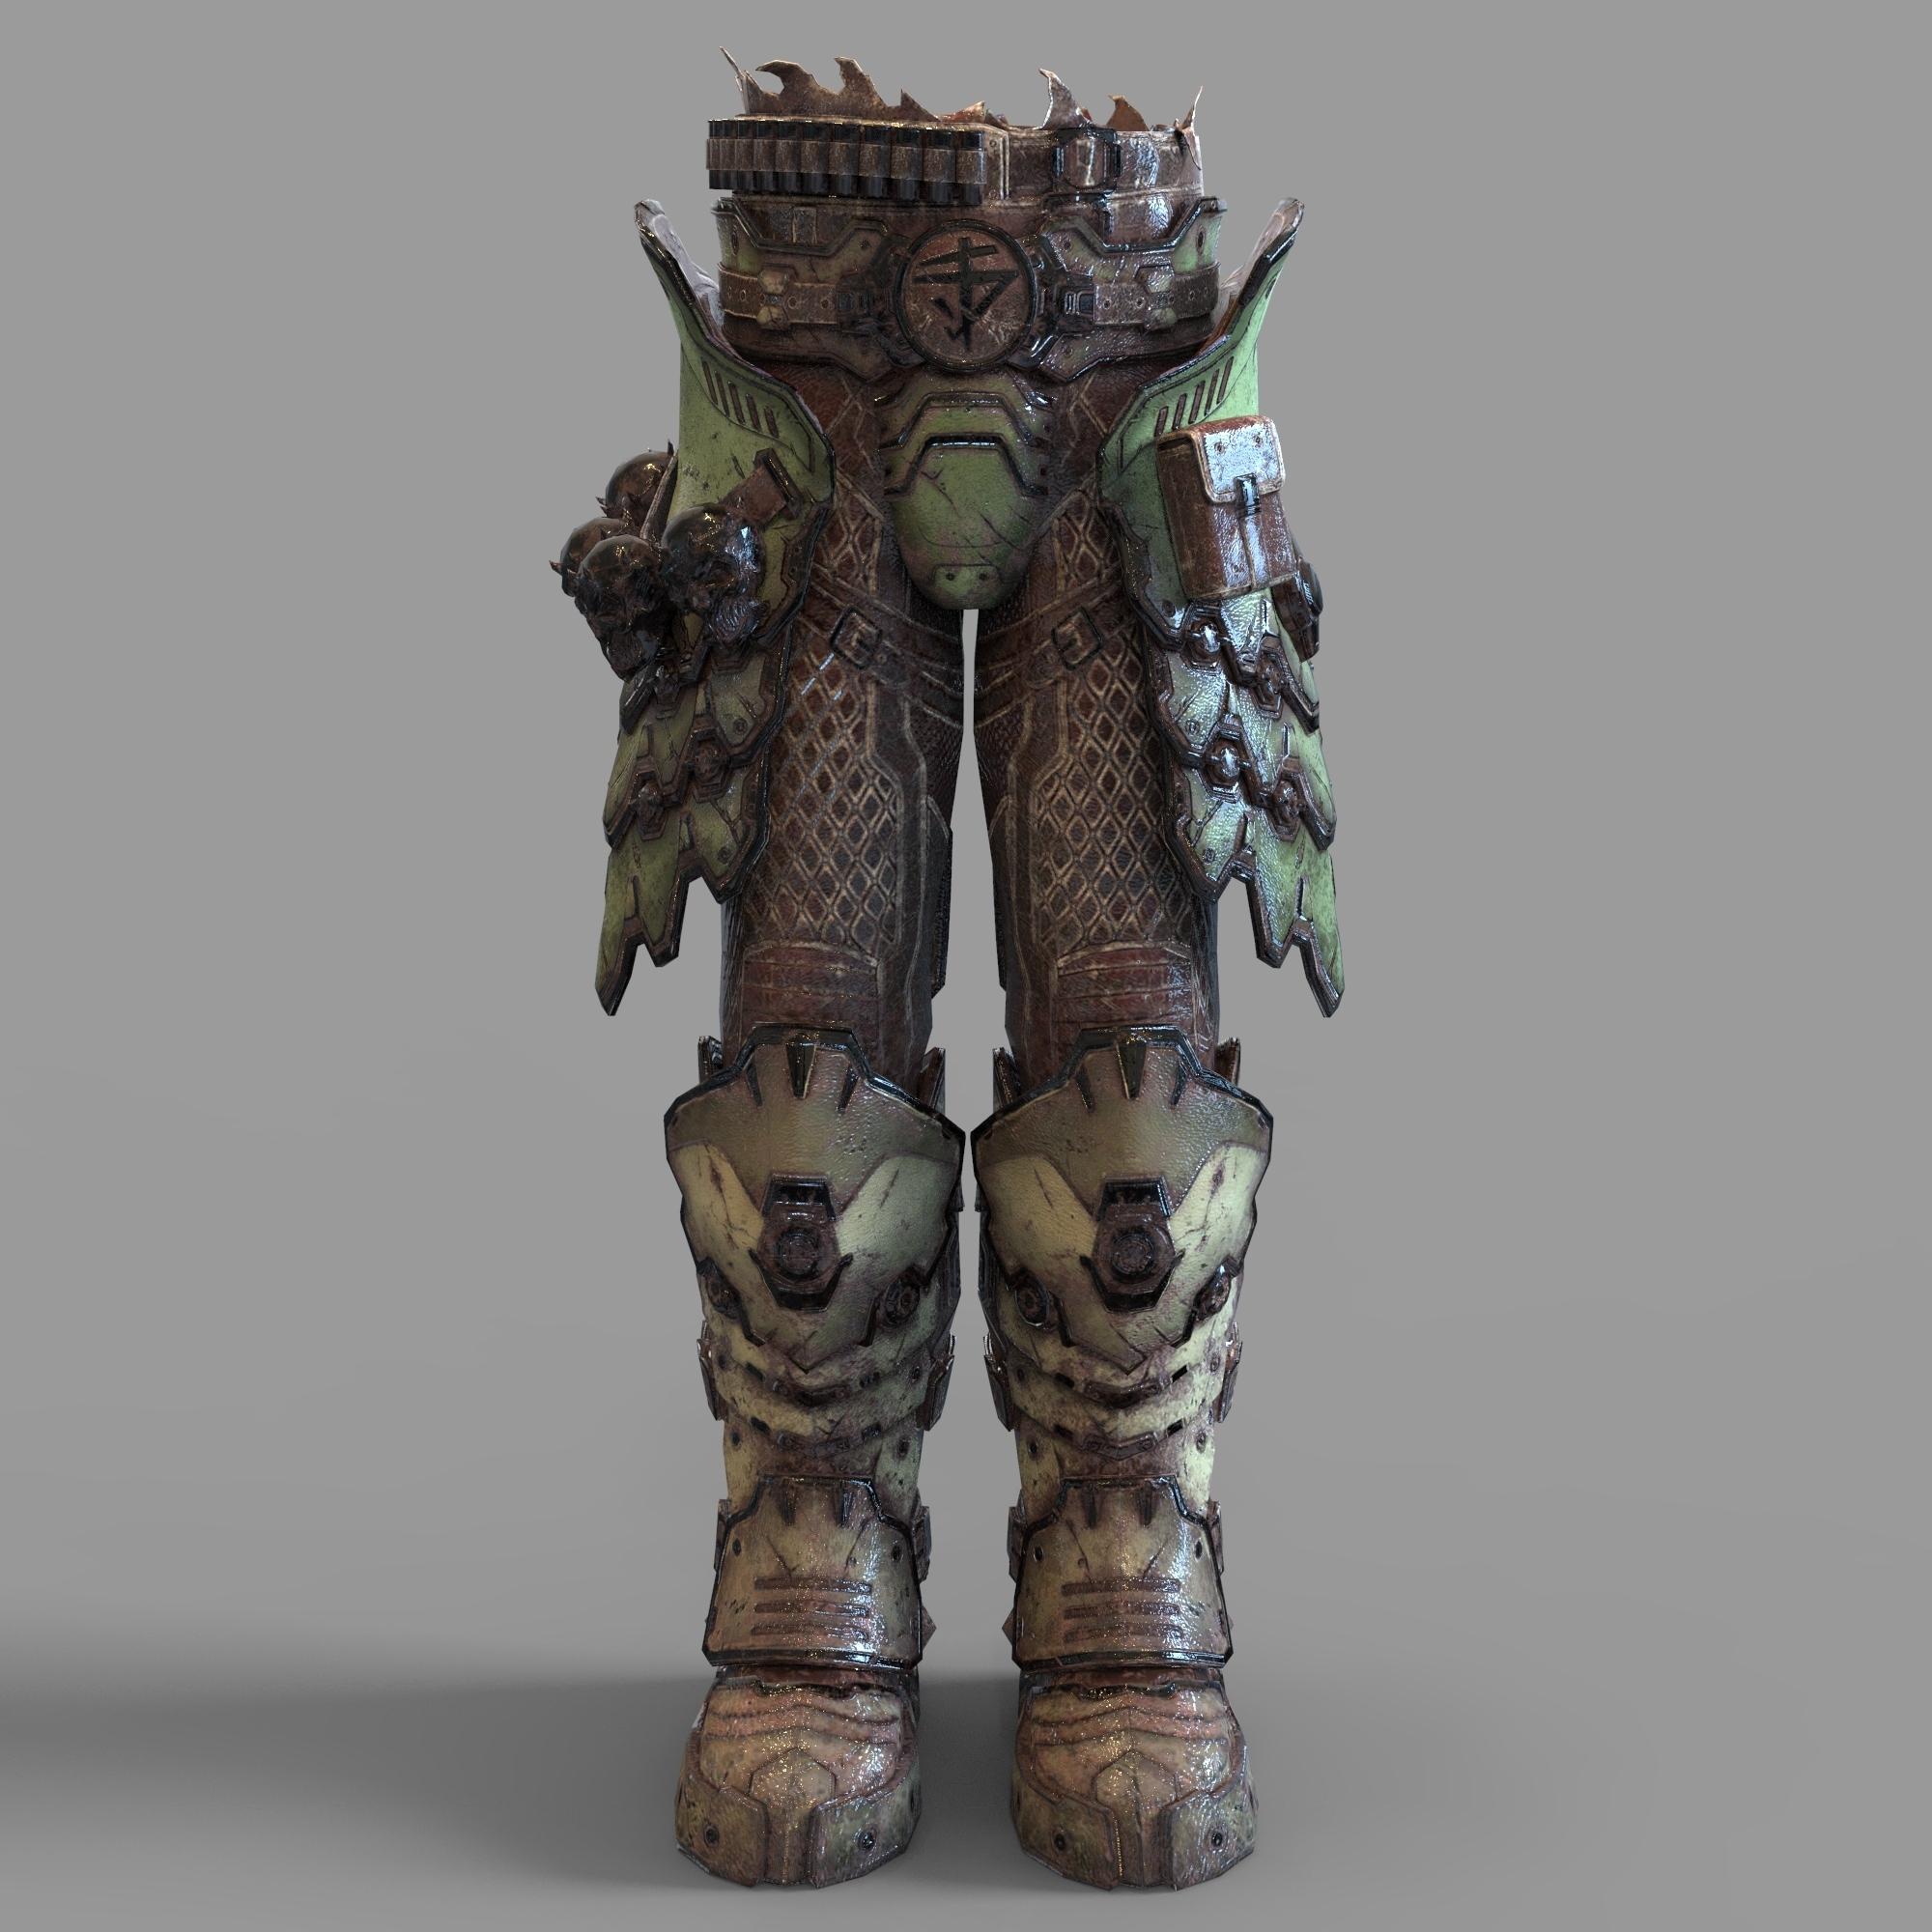 Download 3d Printer Designs Doom Eternal Marauder Skirt With Boots Part Wearable Cults